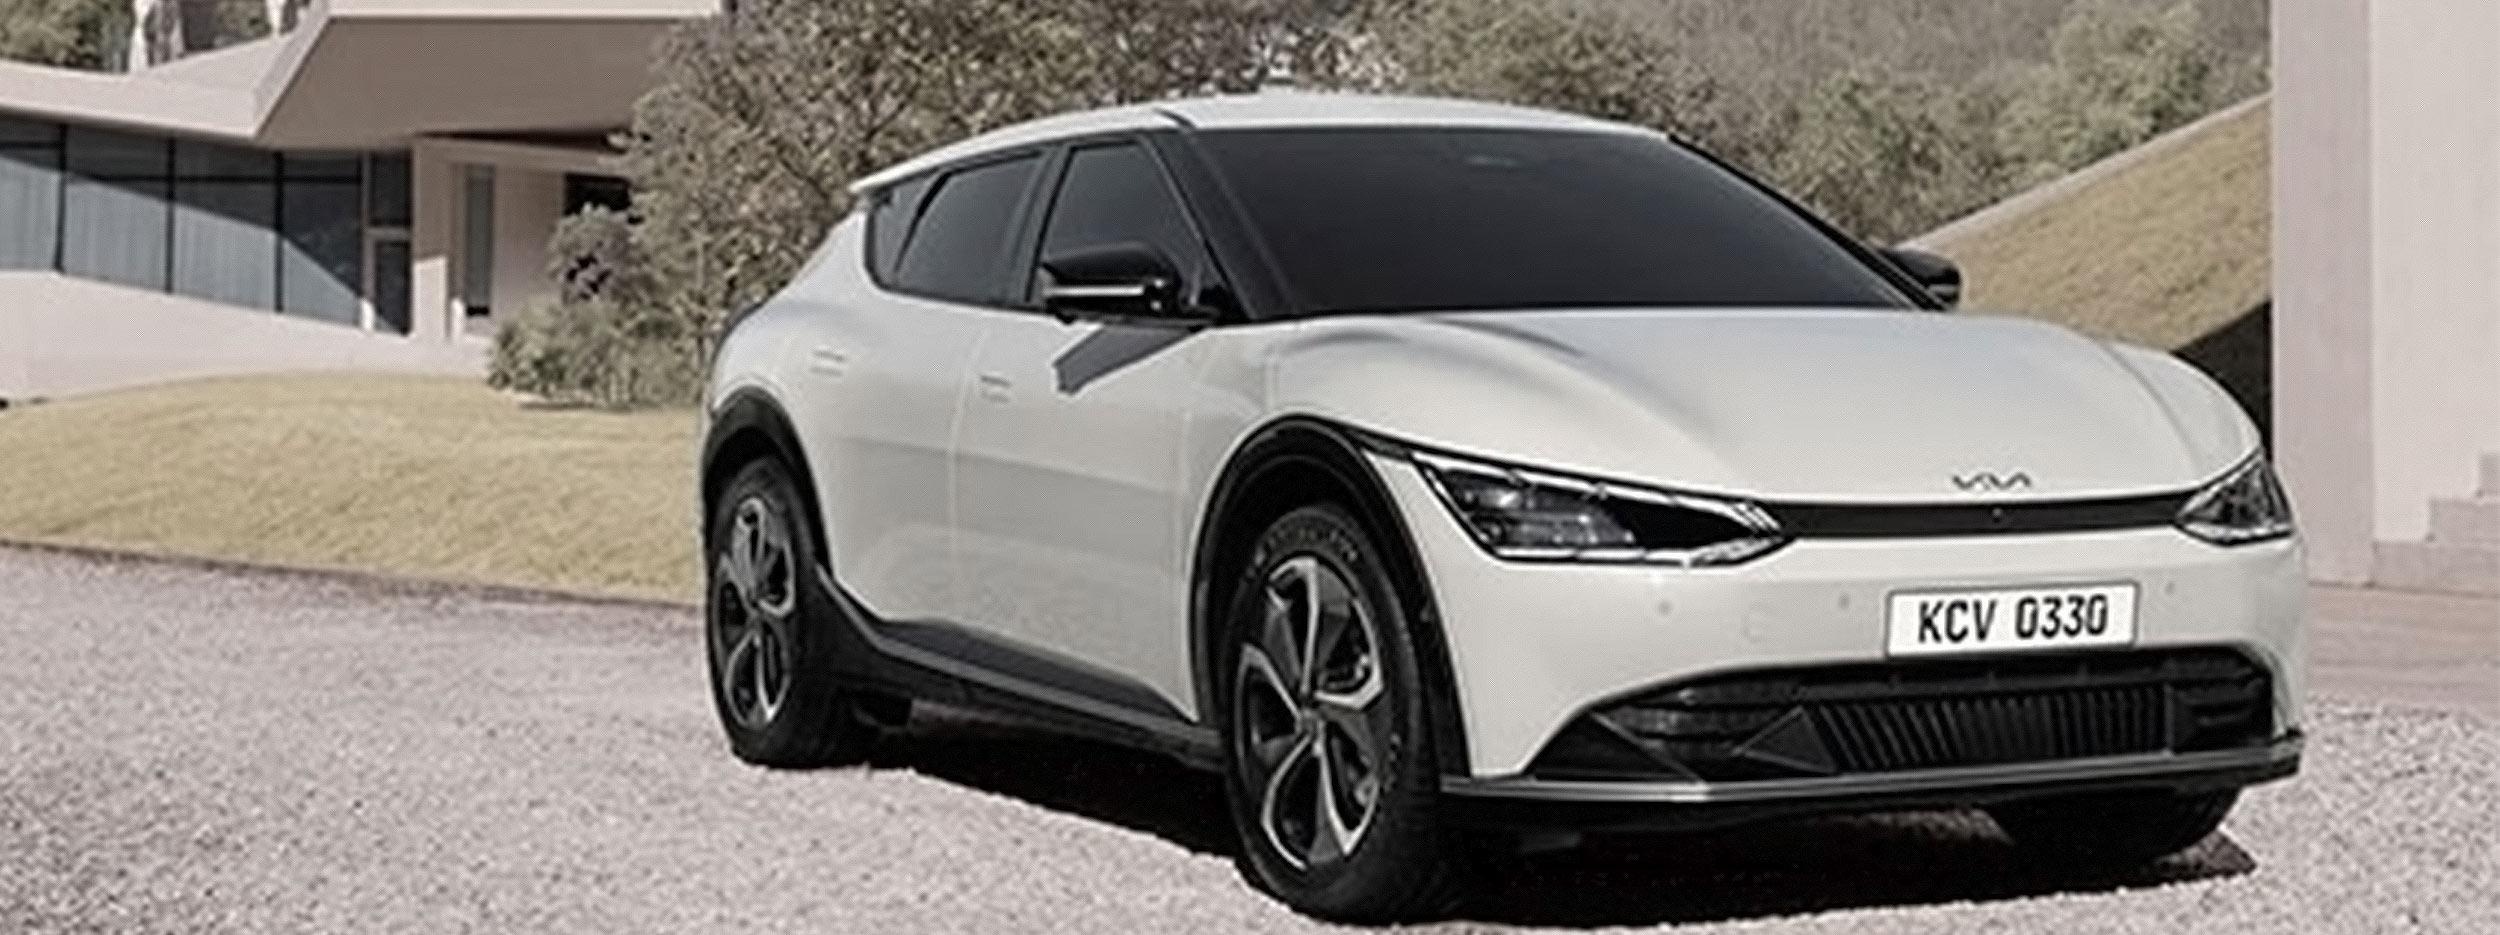 Kia presenta un adelanto del nuevo EV 6 completamente eléctrico